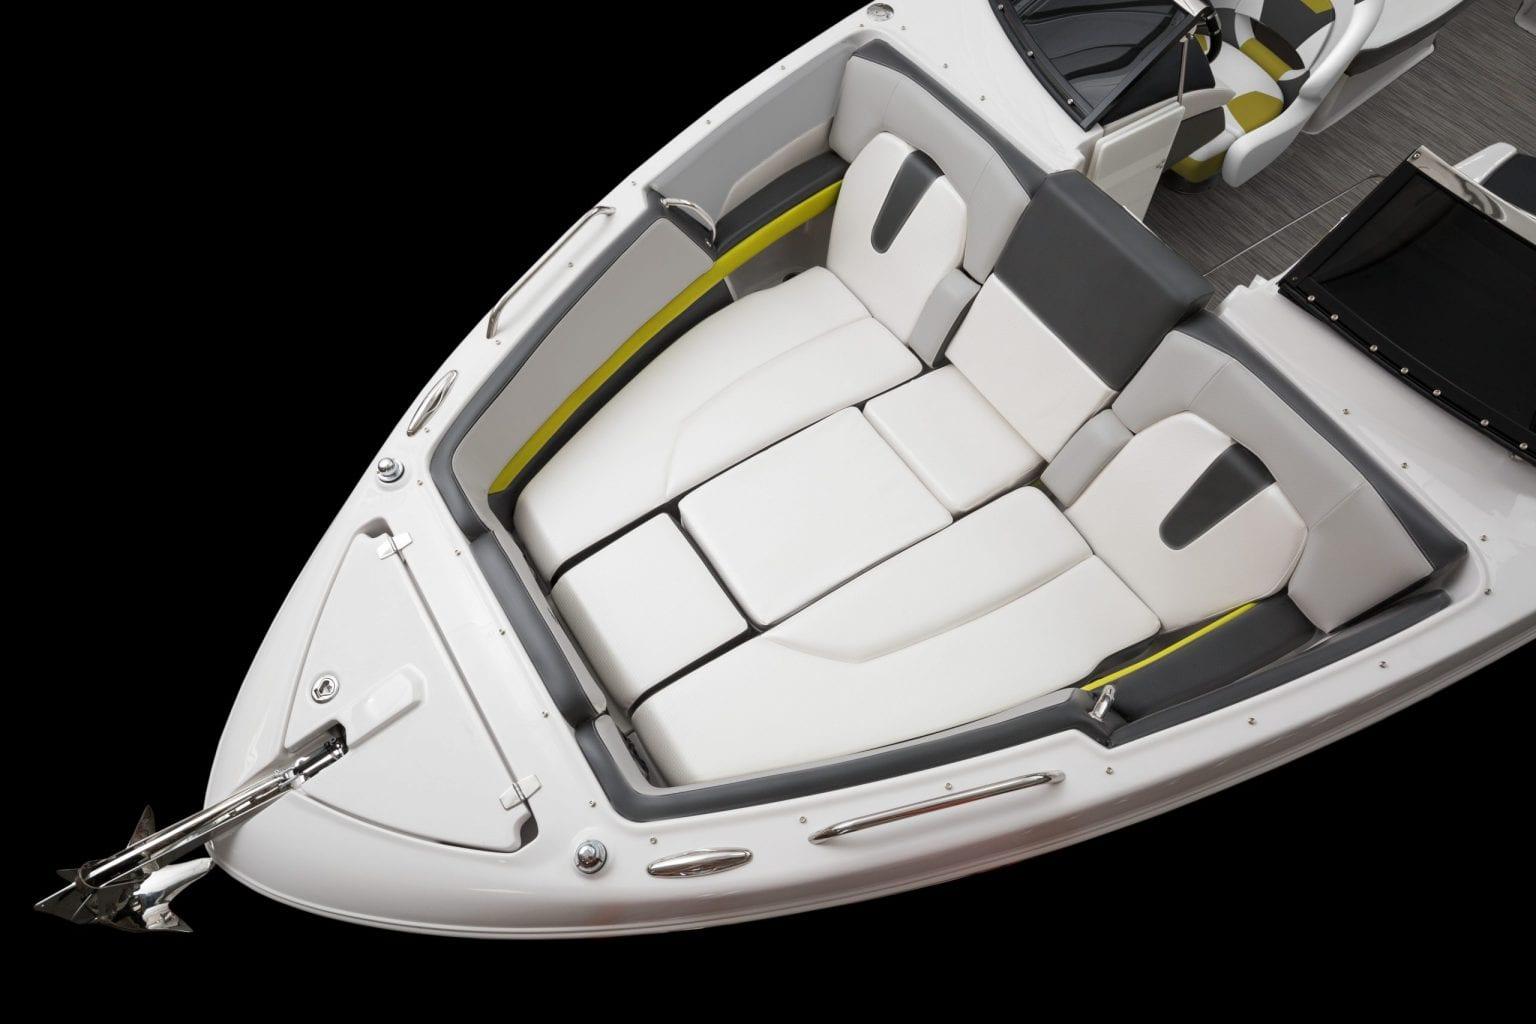 סירת מנוע (ספורט) Four Winns 260 - סטרים יאכטות